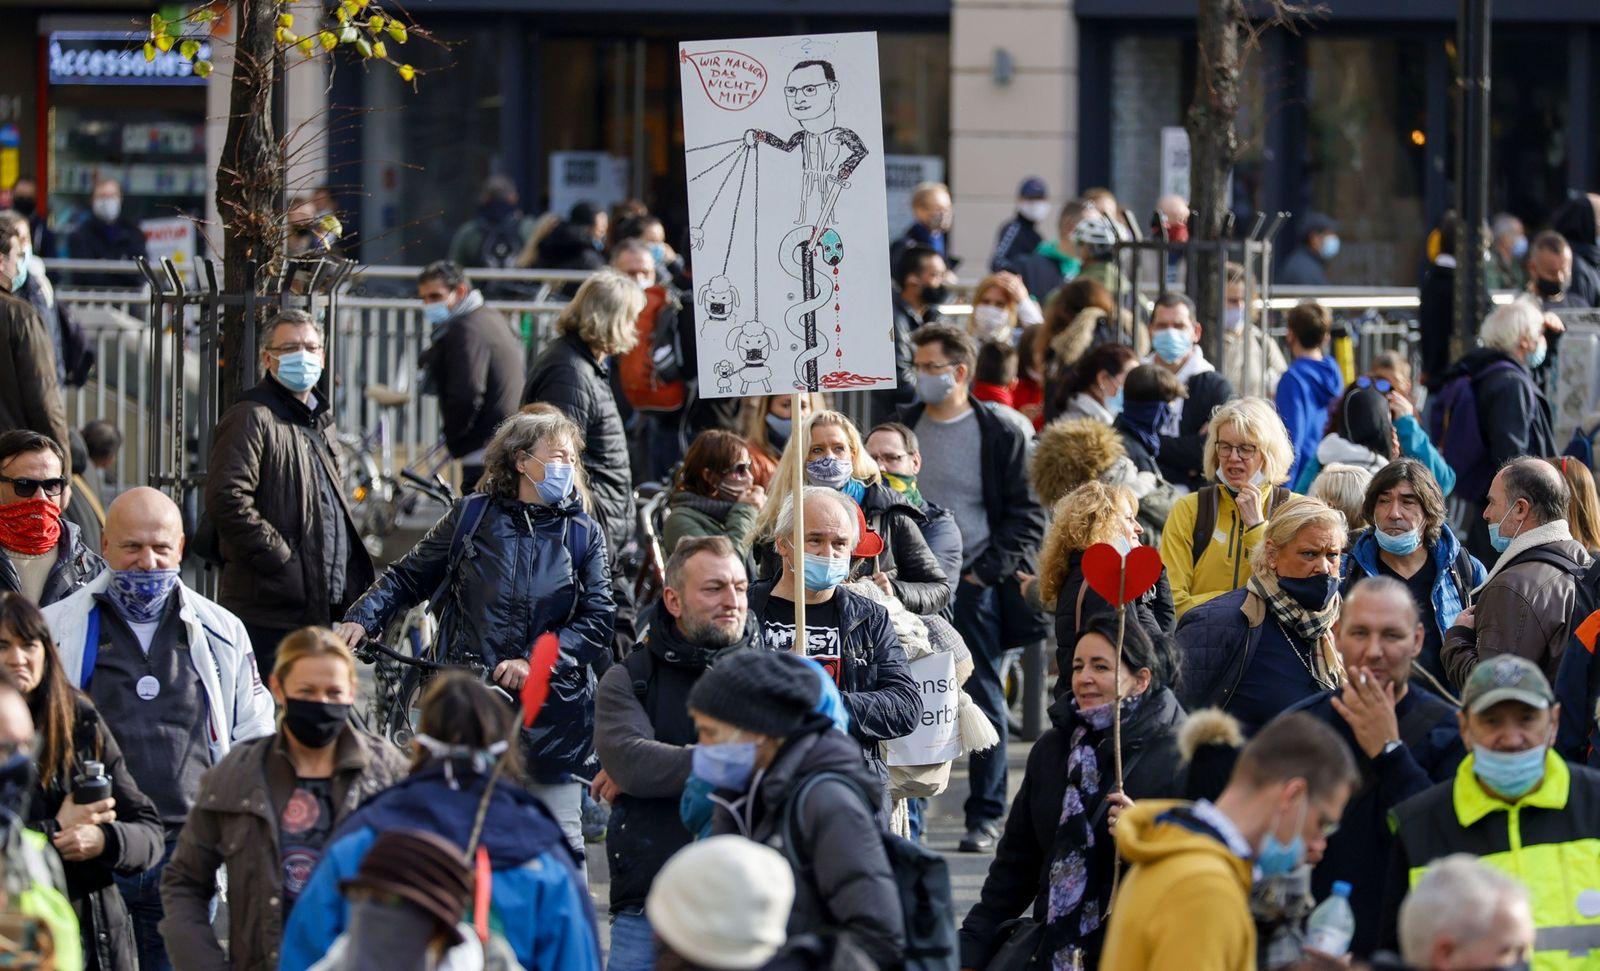 Demonstration against coronavirus restrictions in Frankfurt, Frankfurt Am Main, Germany - 14 Nov 2020